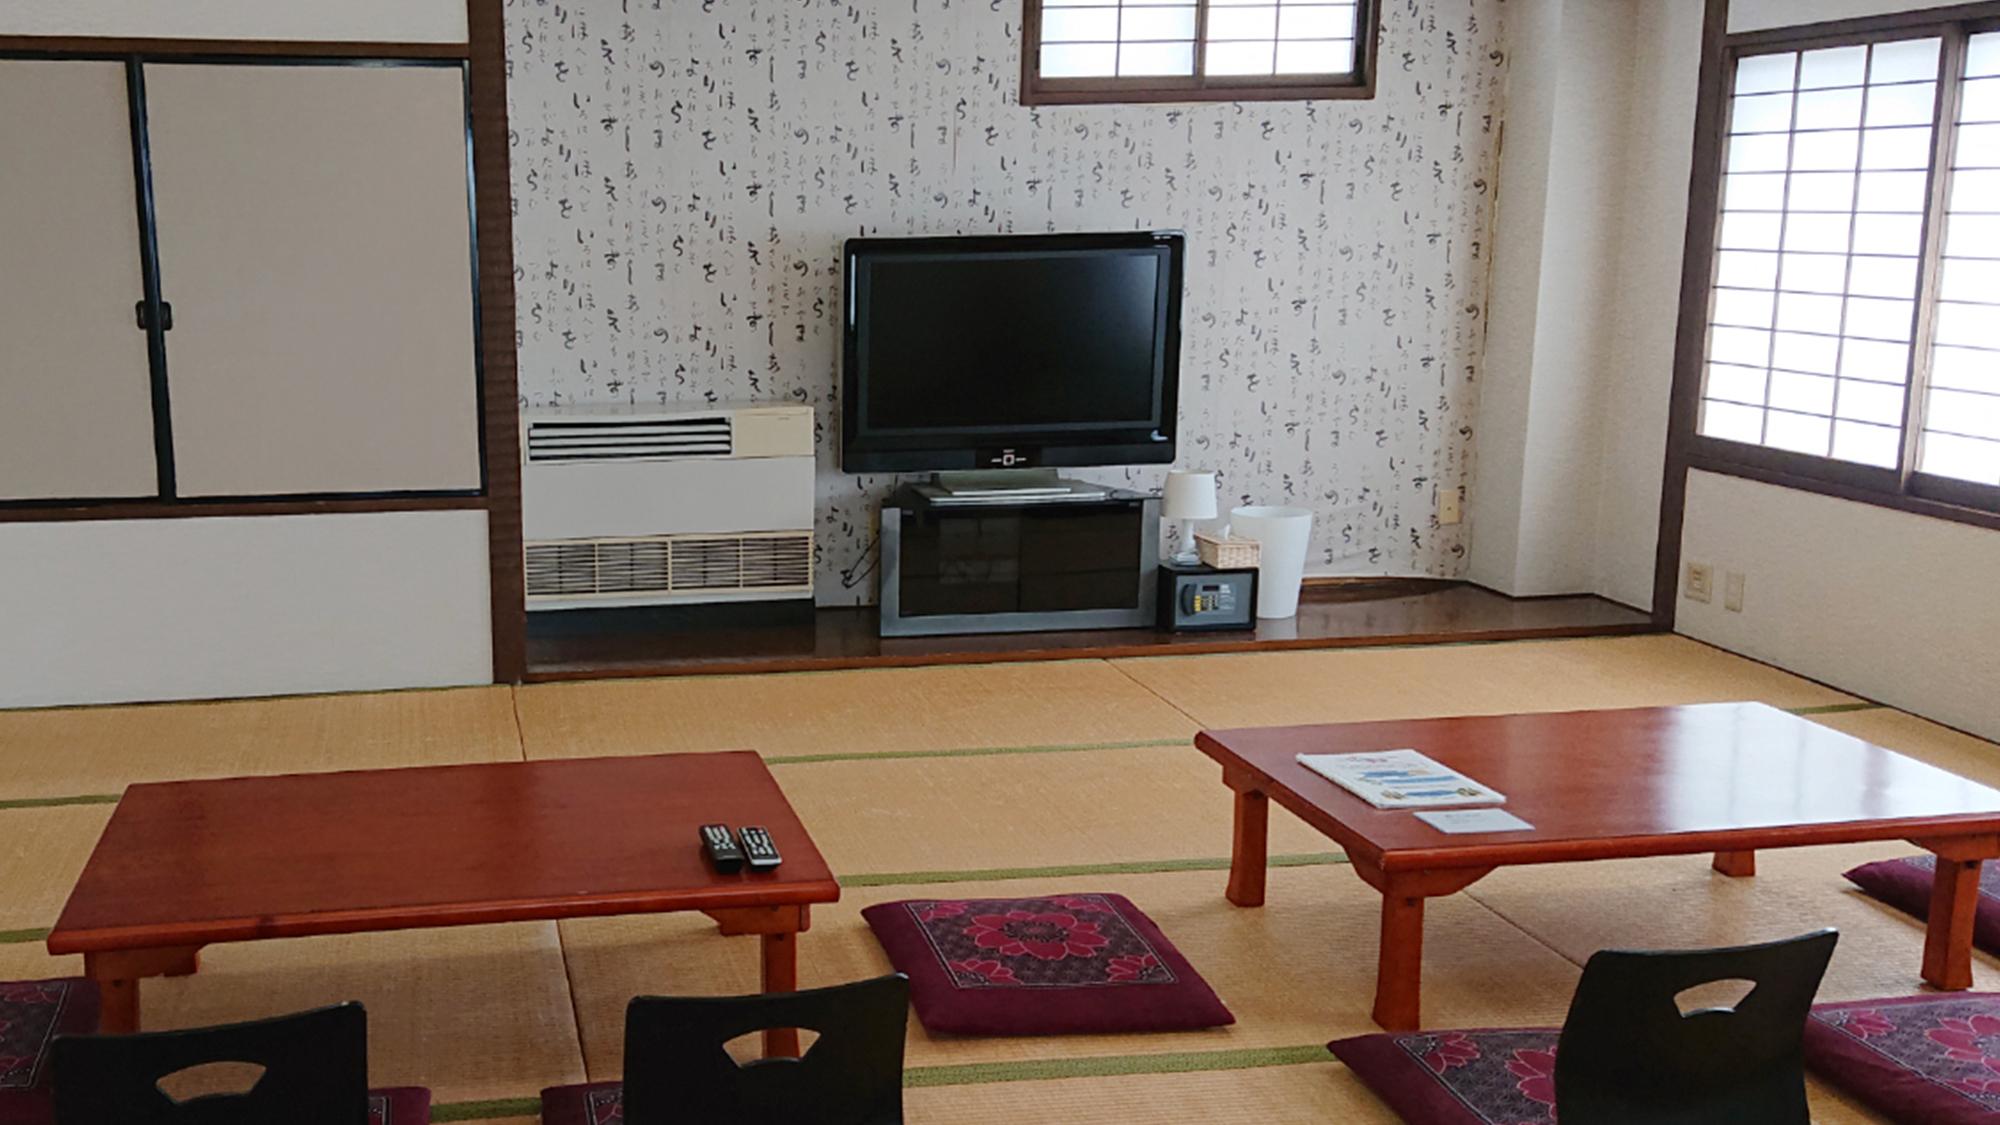 客室 - GUEST ROOM